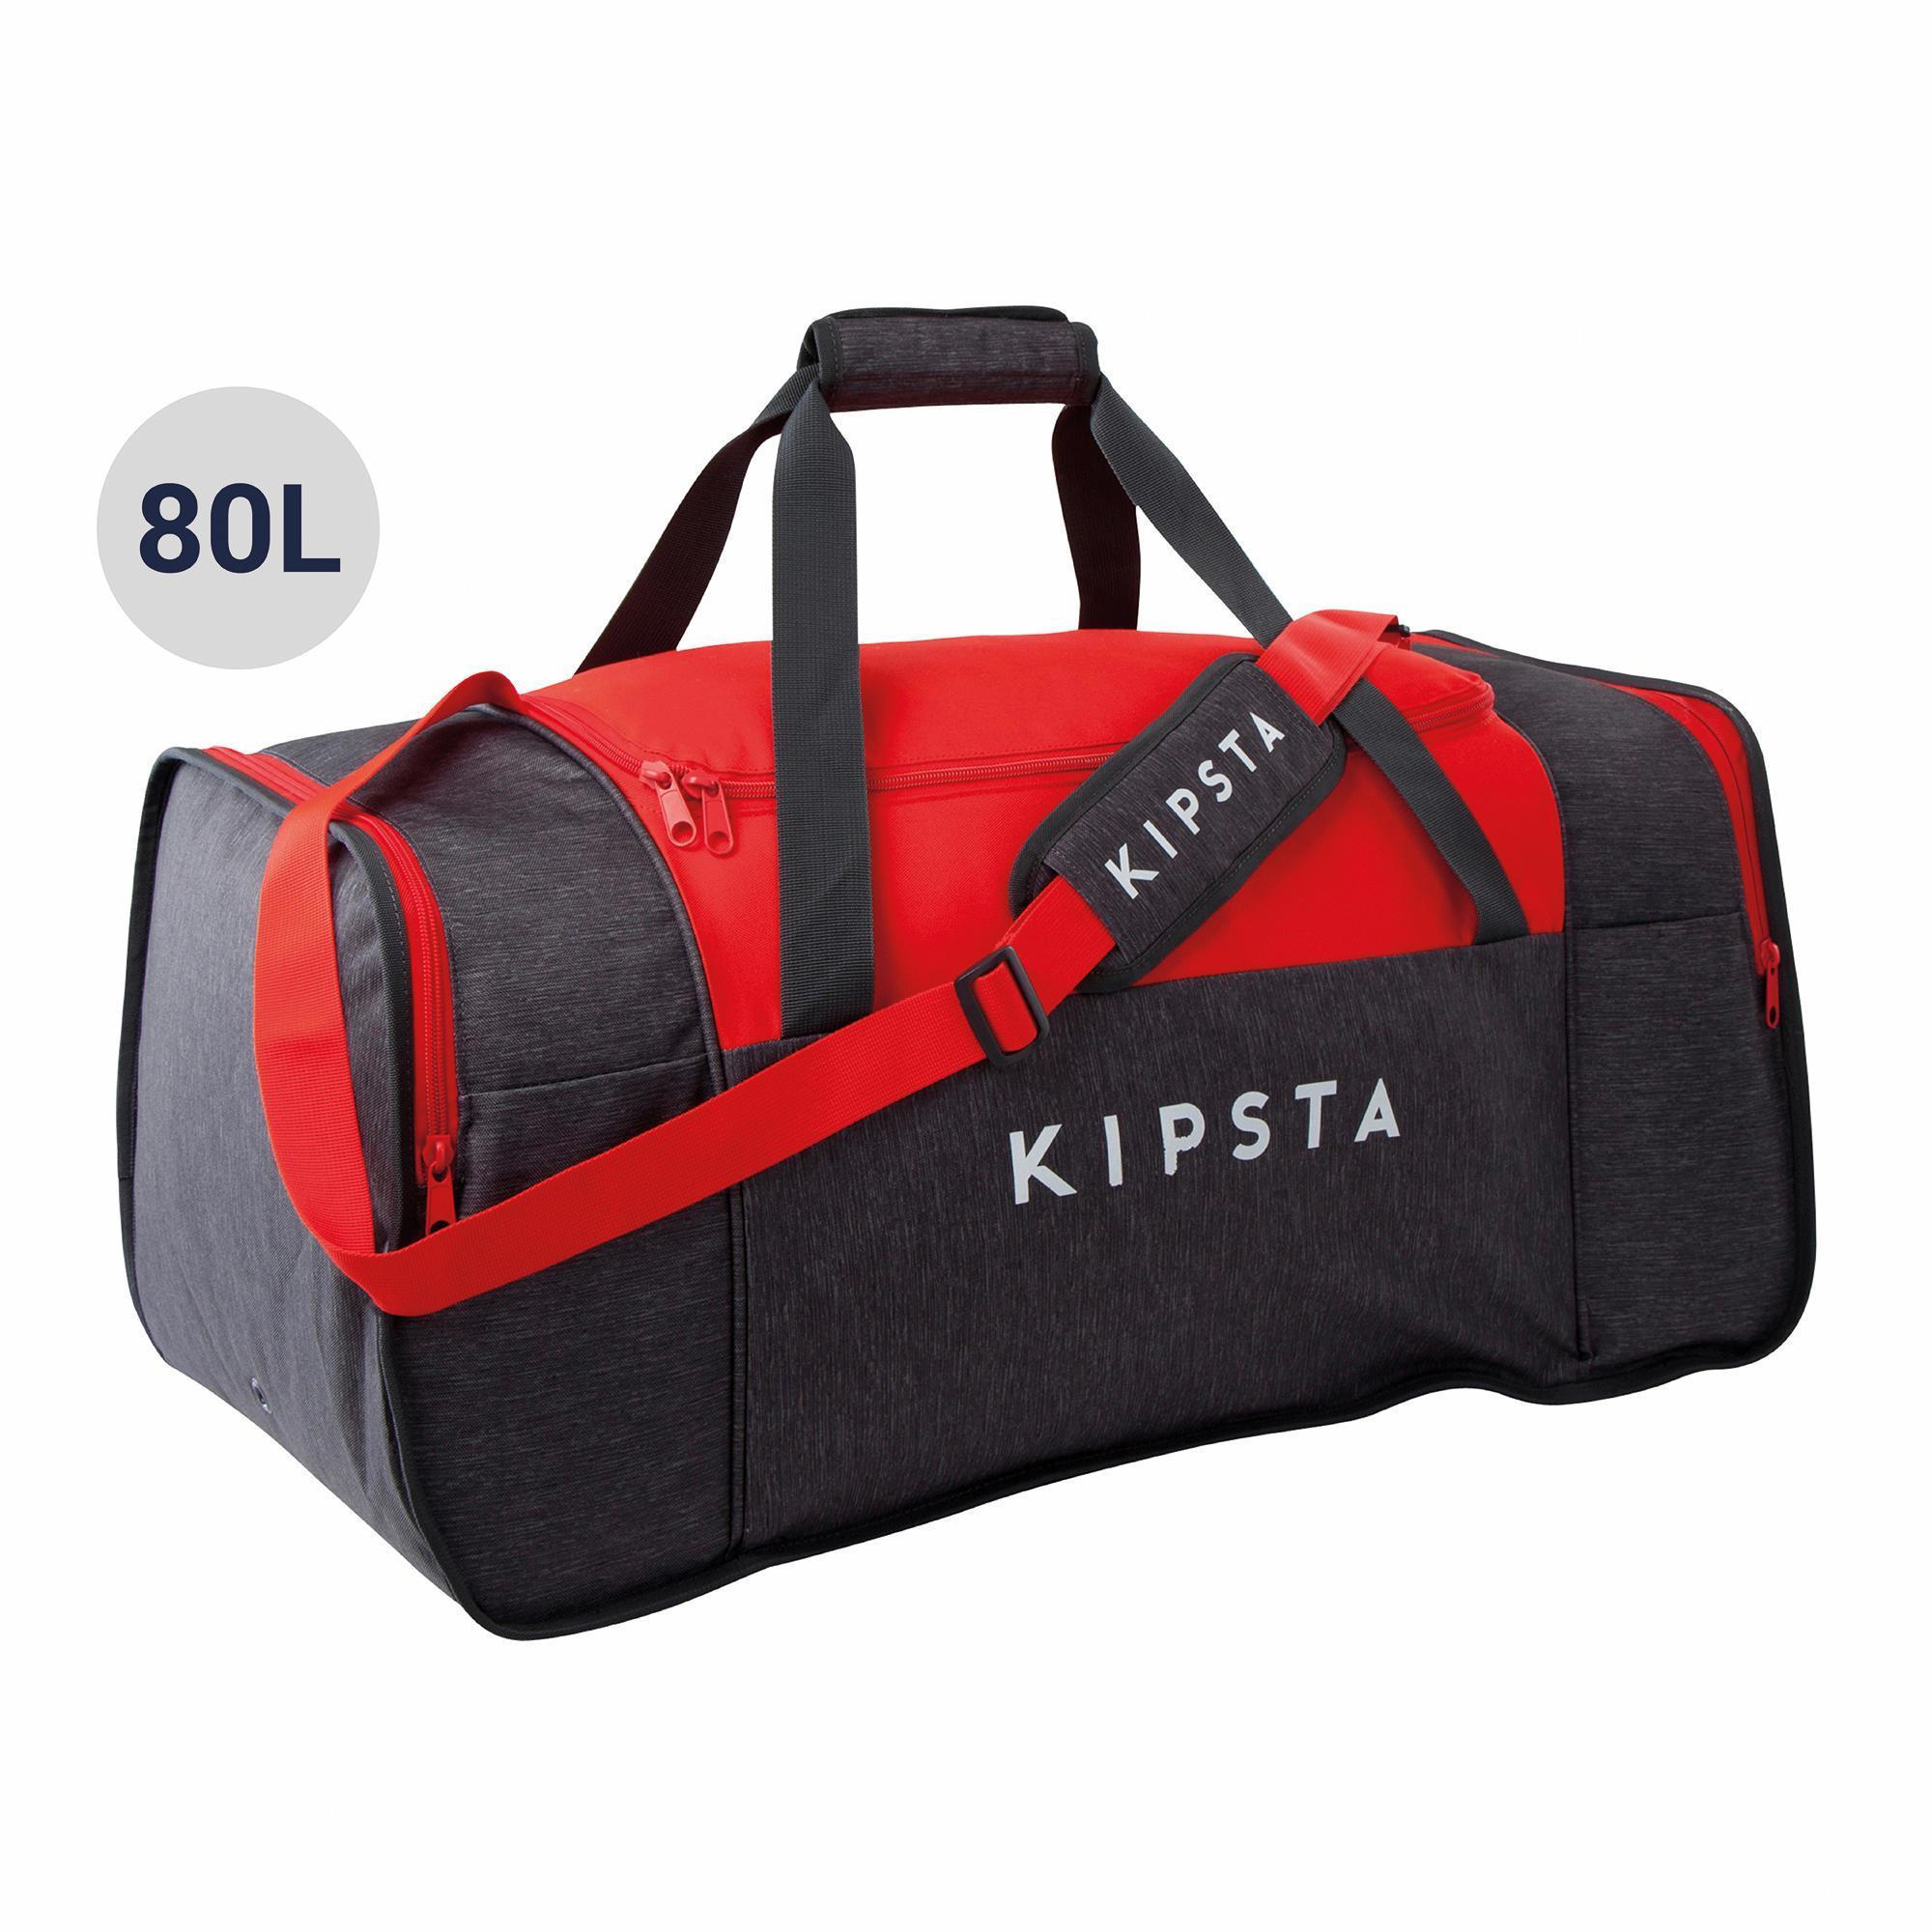 KIPSTA SPORTTASCHE KIPOCKET 80L GRAU/ROT